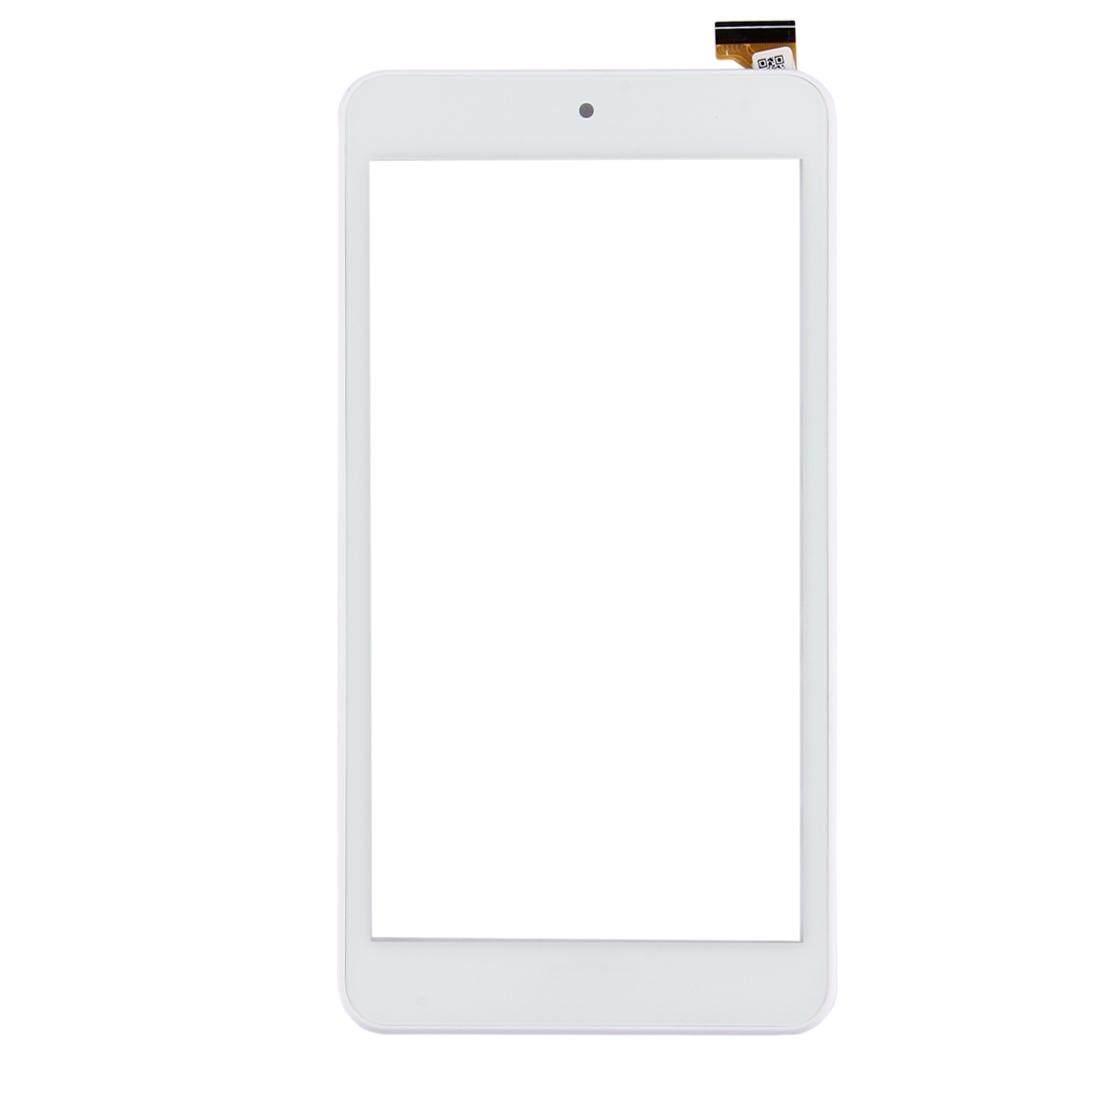 Untuk Acer Iconia Satu 7/B1-750 Layar Sentuh dengan Bingkai (Putih)-Intl